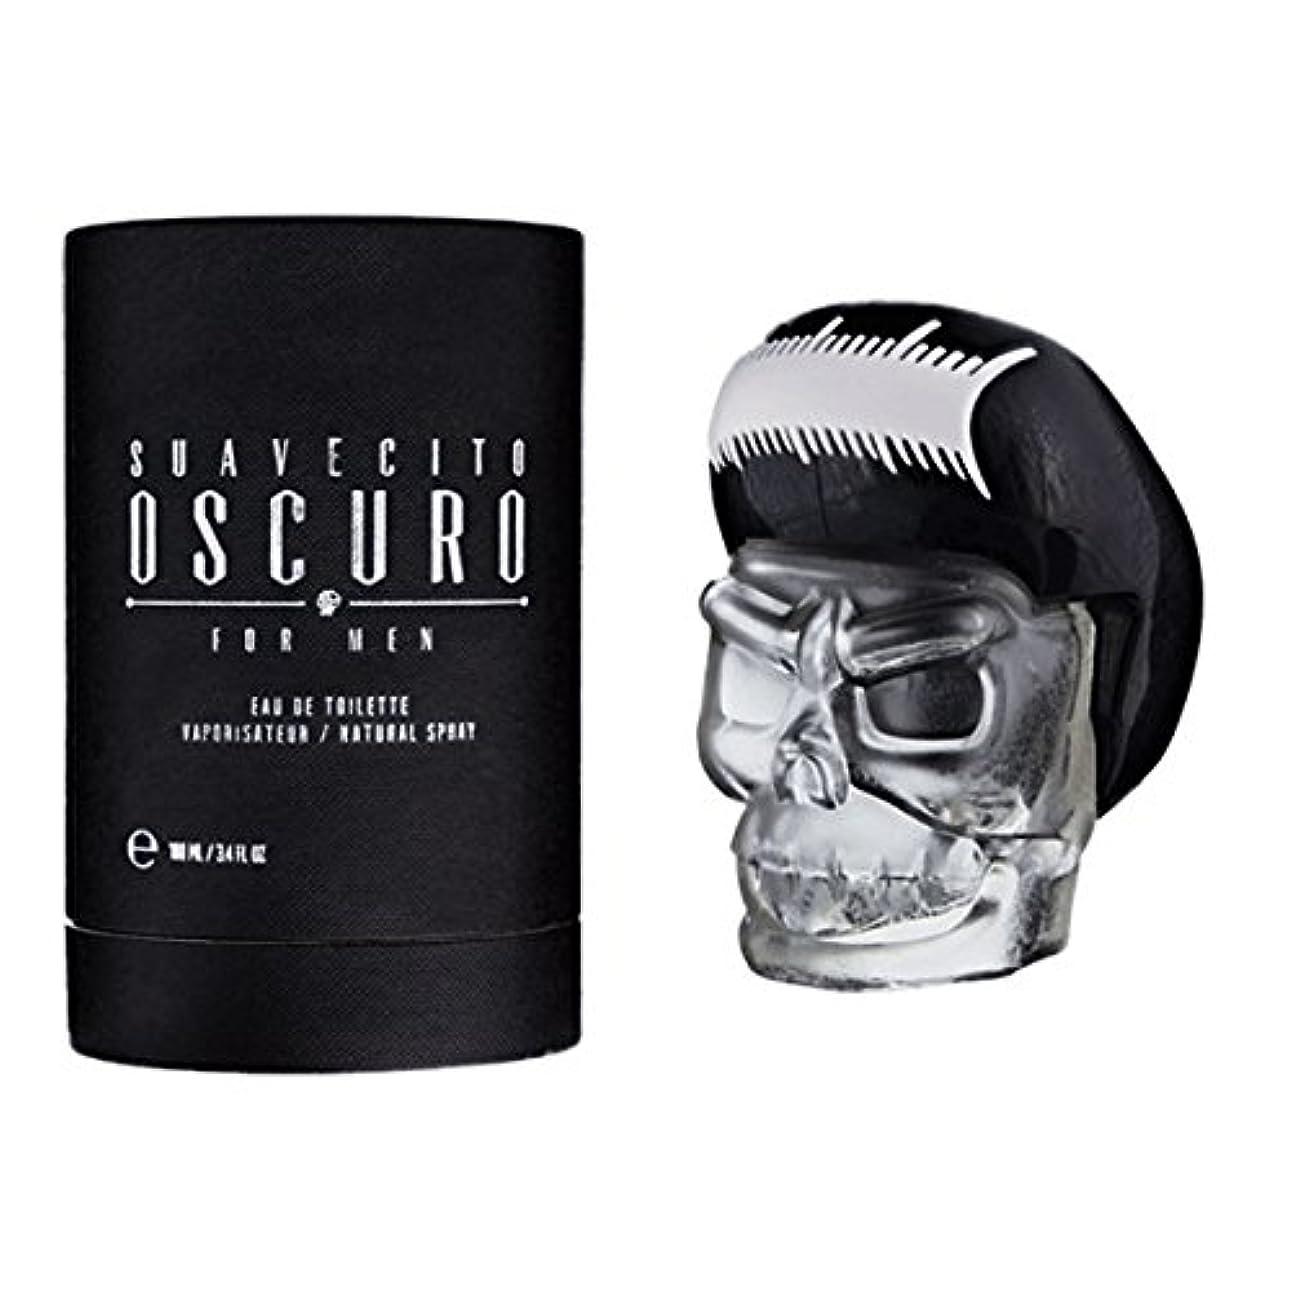 乳剤スペードメンターSUAVECITO スアベシート 【Oscuro - Men's Cologne】 メンズコロン コロン 3.4 FL OZ(約100ml) 香水